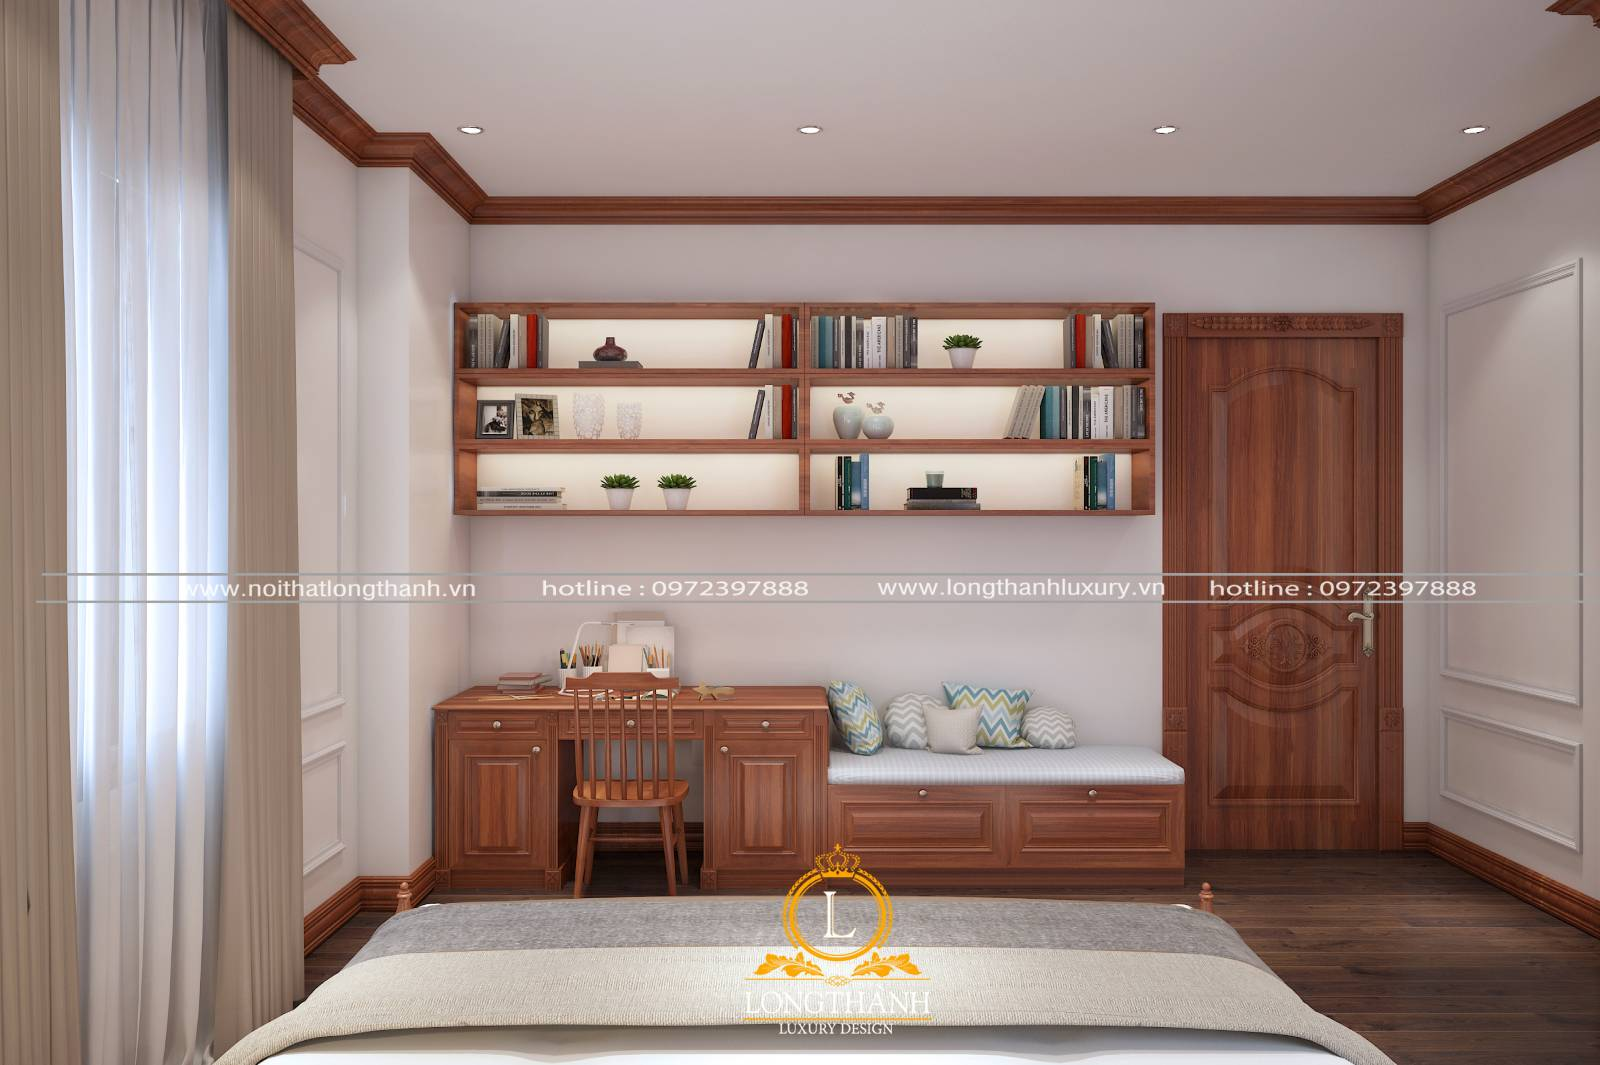 Cửa phòng ngủ nhỏ cho nhà chung cư hiện đại làm từ gỗ Căm xe